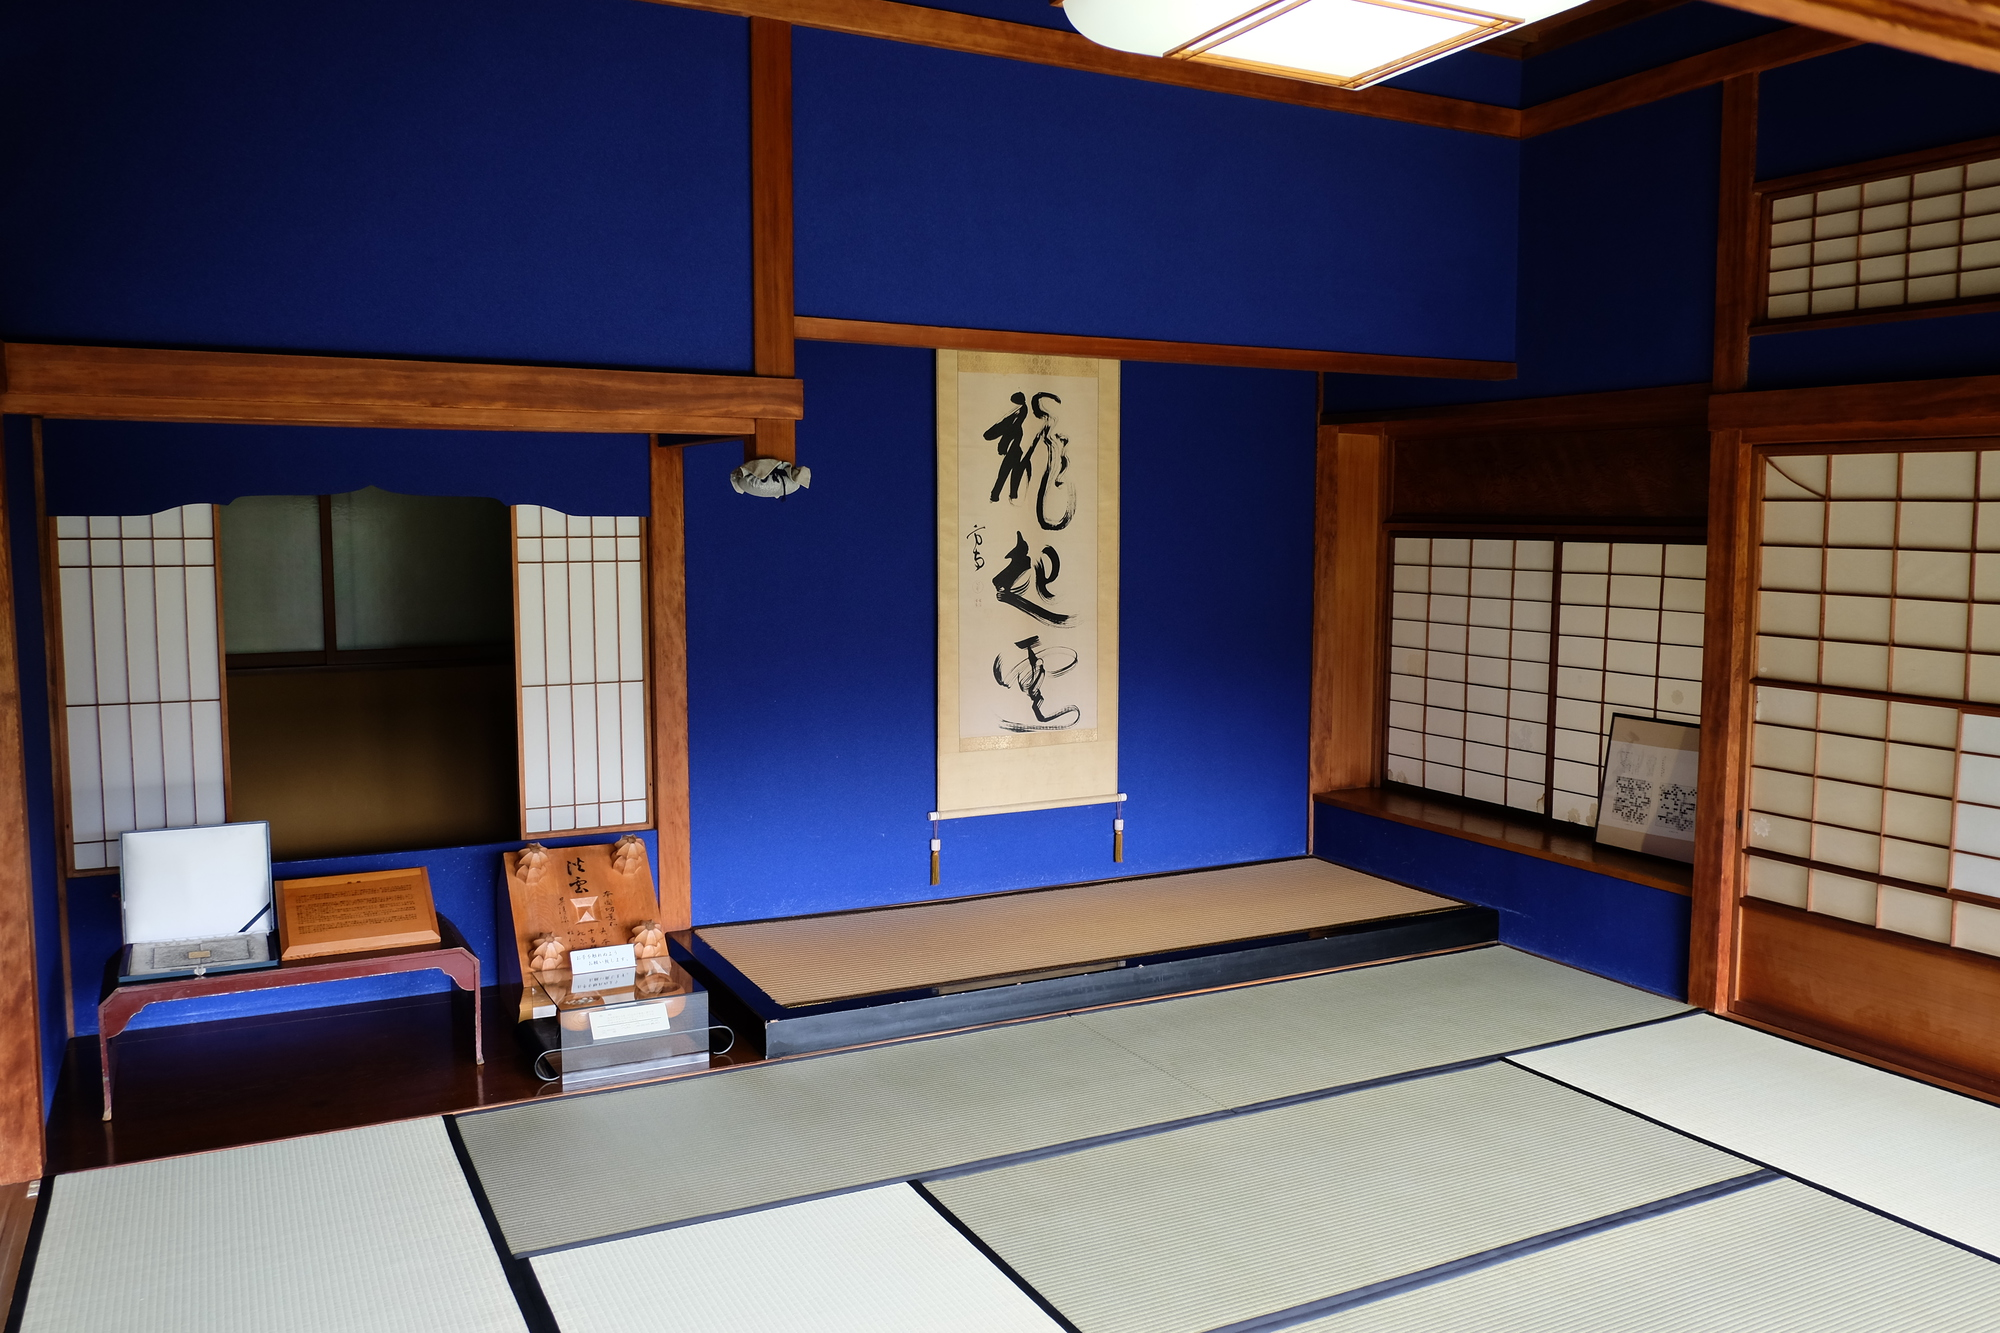 家具家財は全部レンタル! 1日1680円から民泊運営スタート!